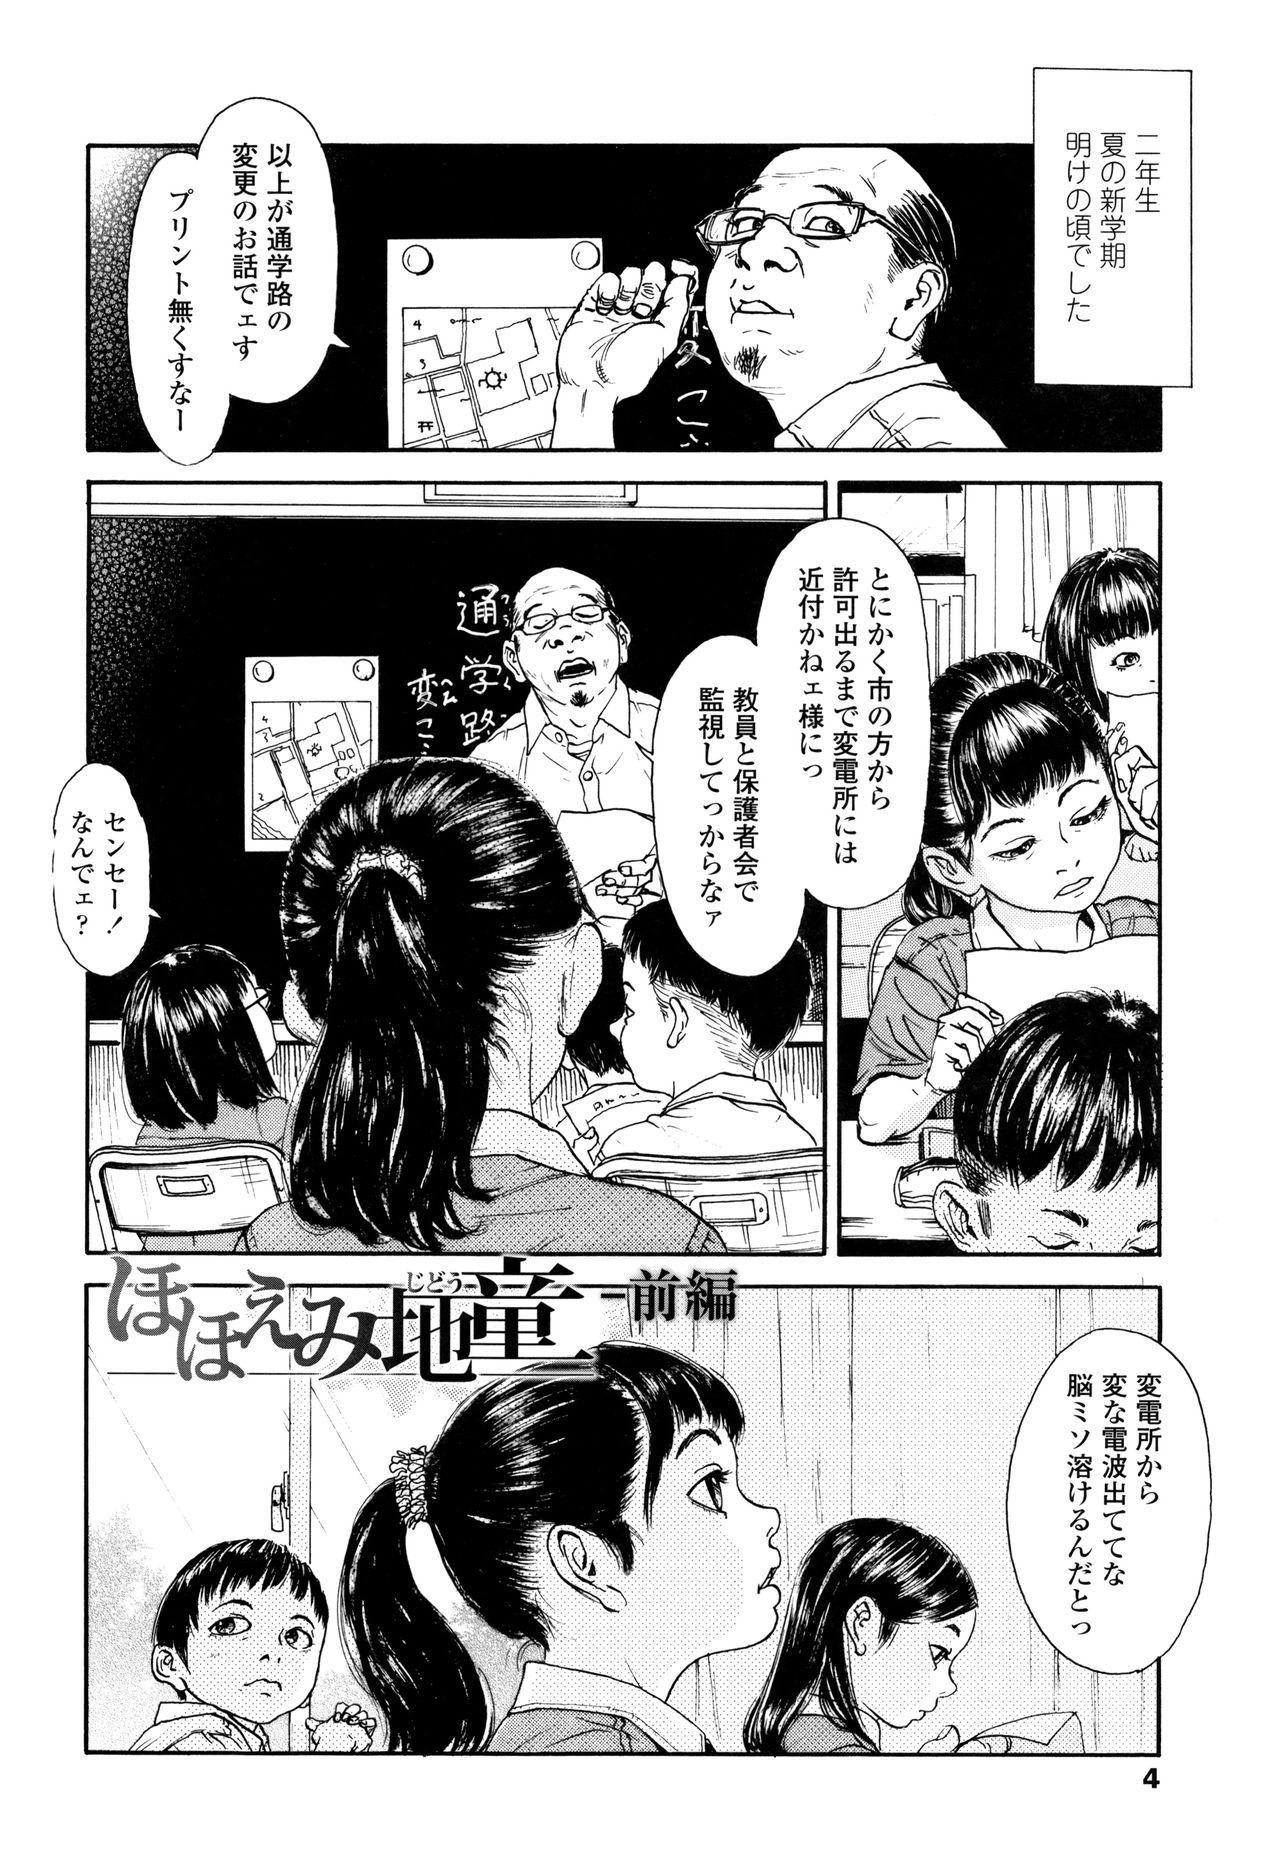 Chiisai Karada ni Shiroi Kage 6